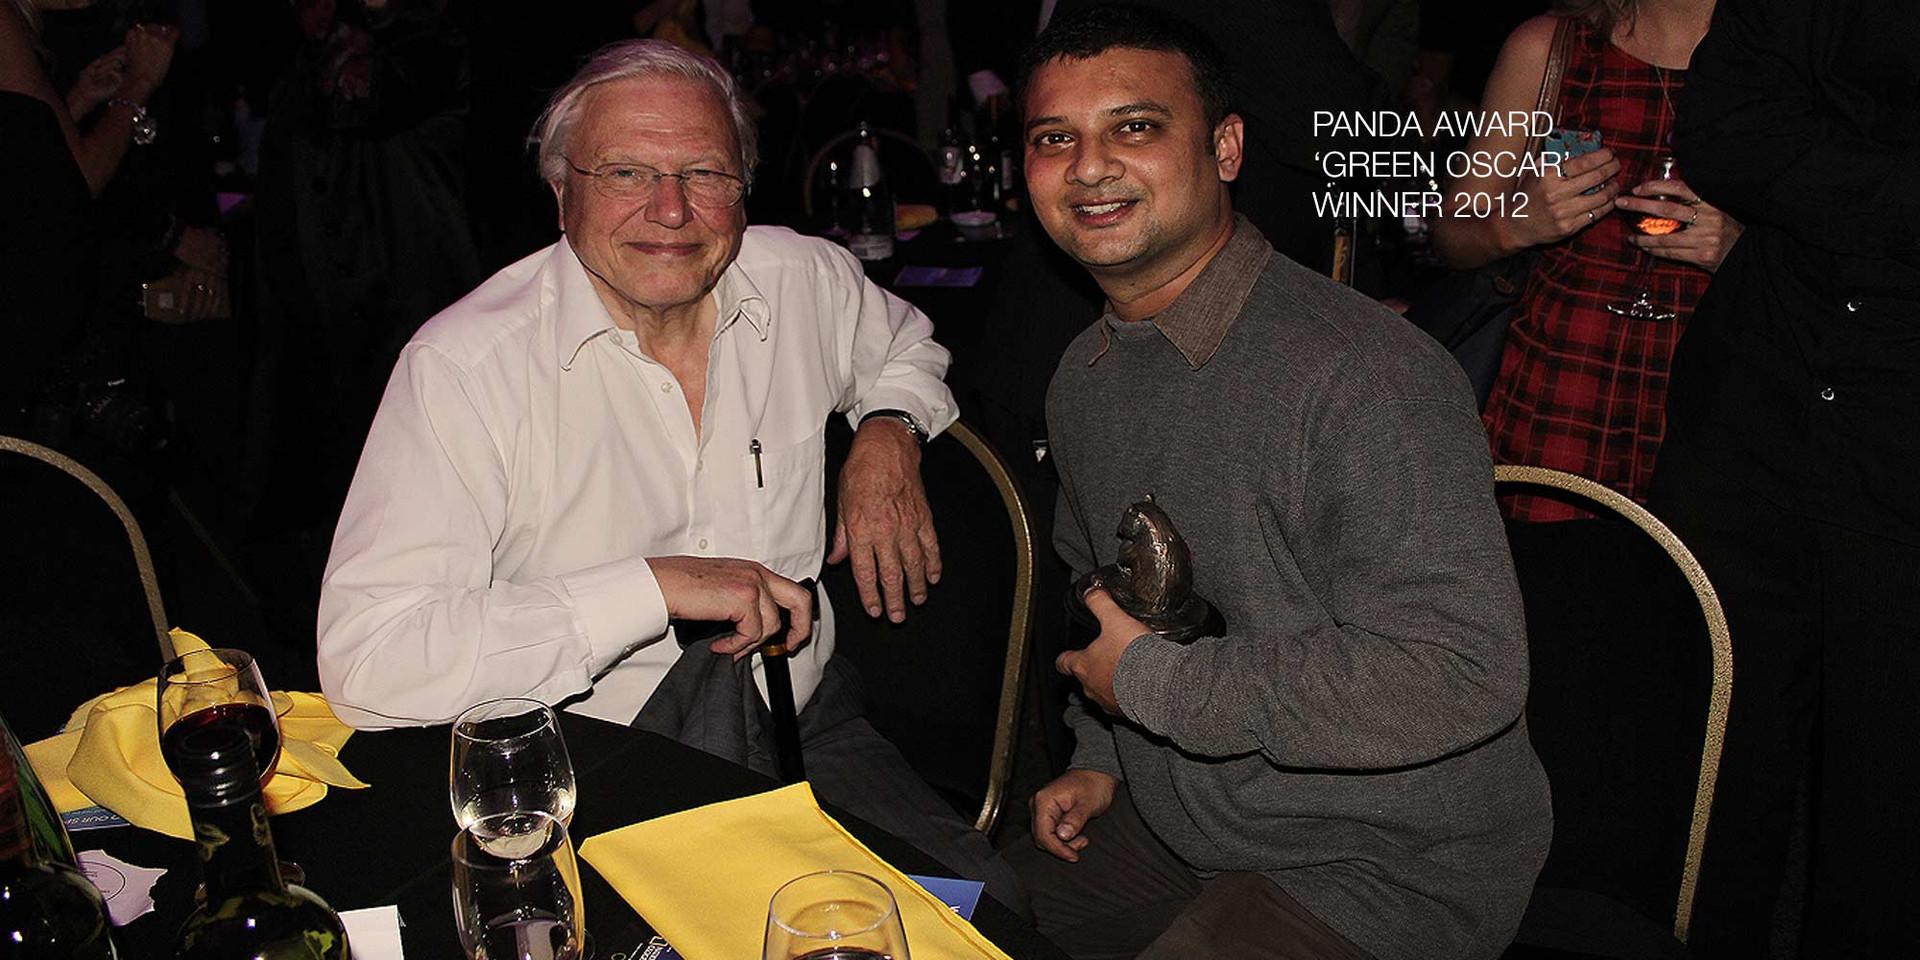 Panda Award 2012